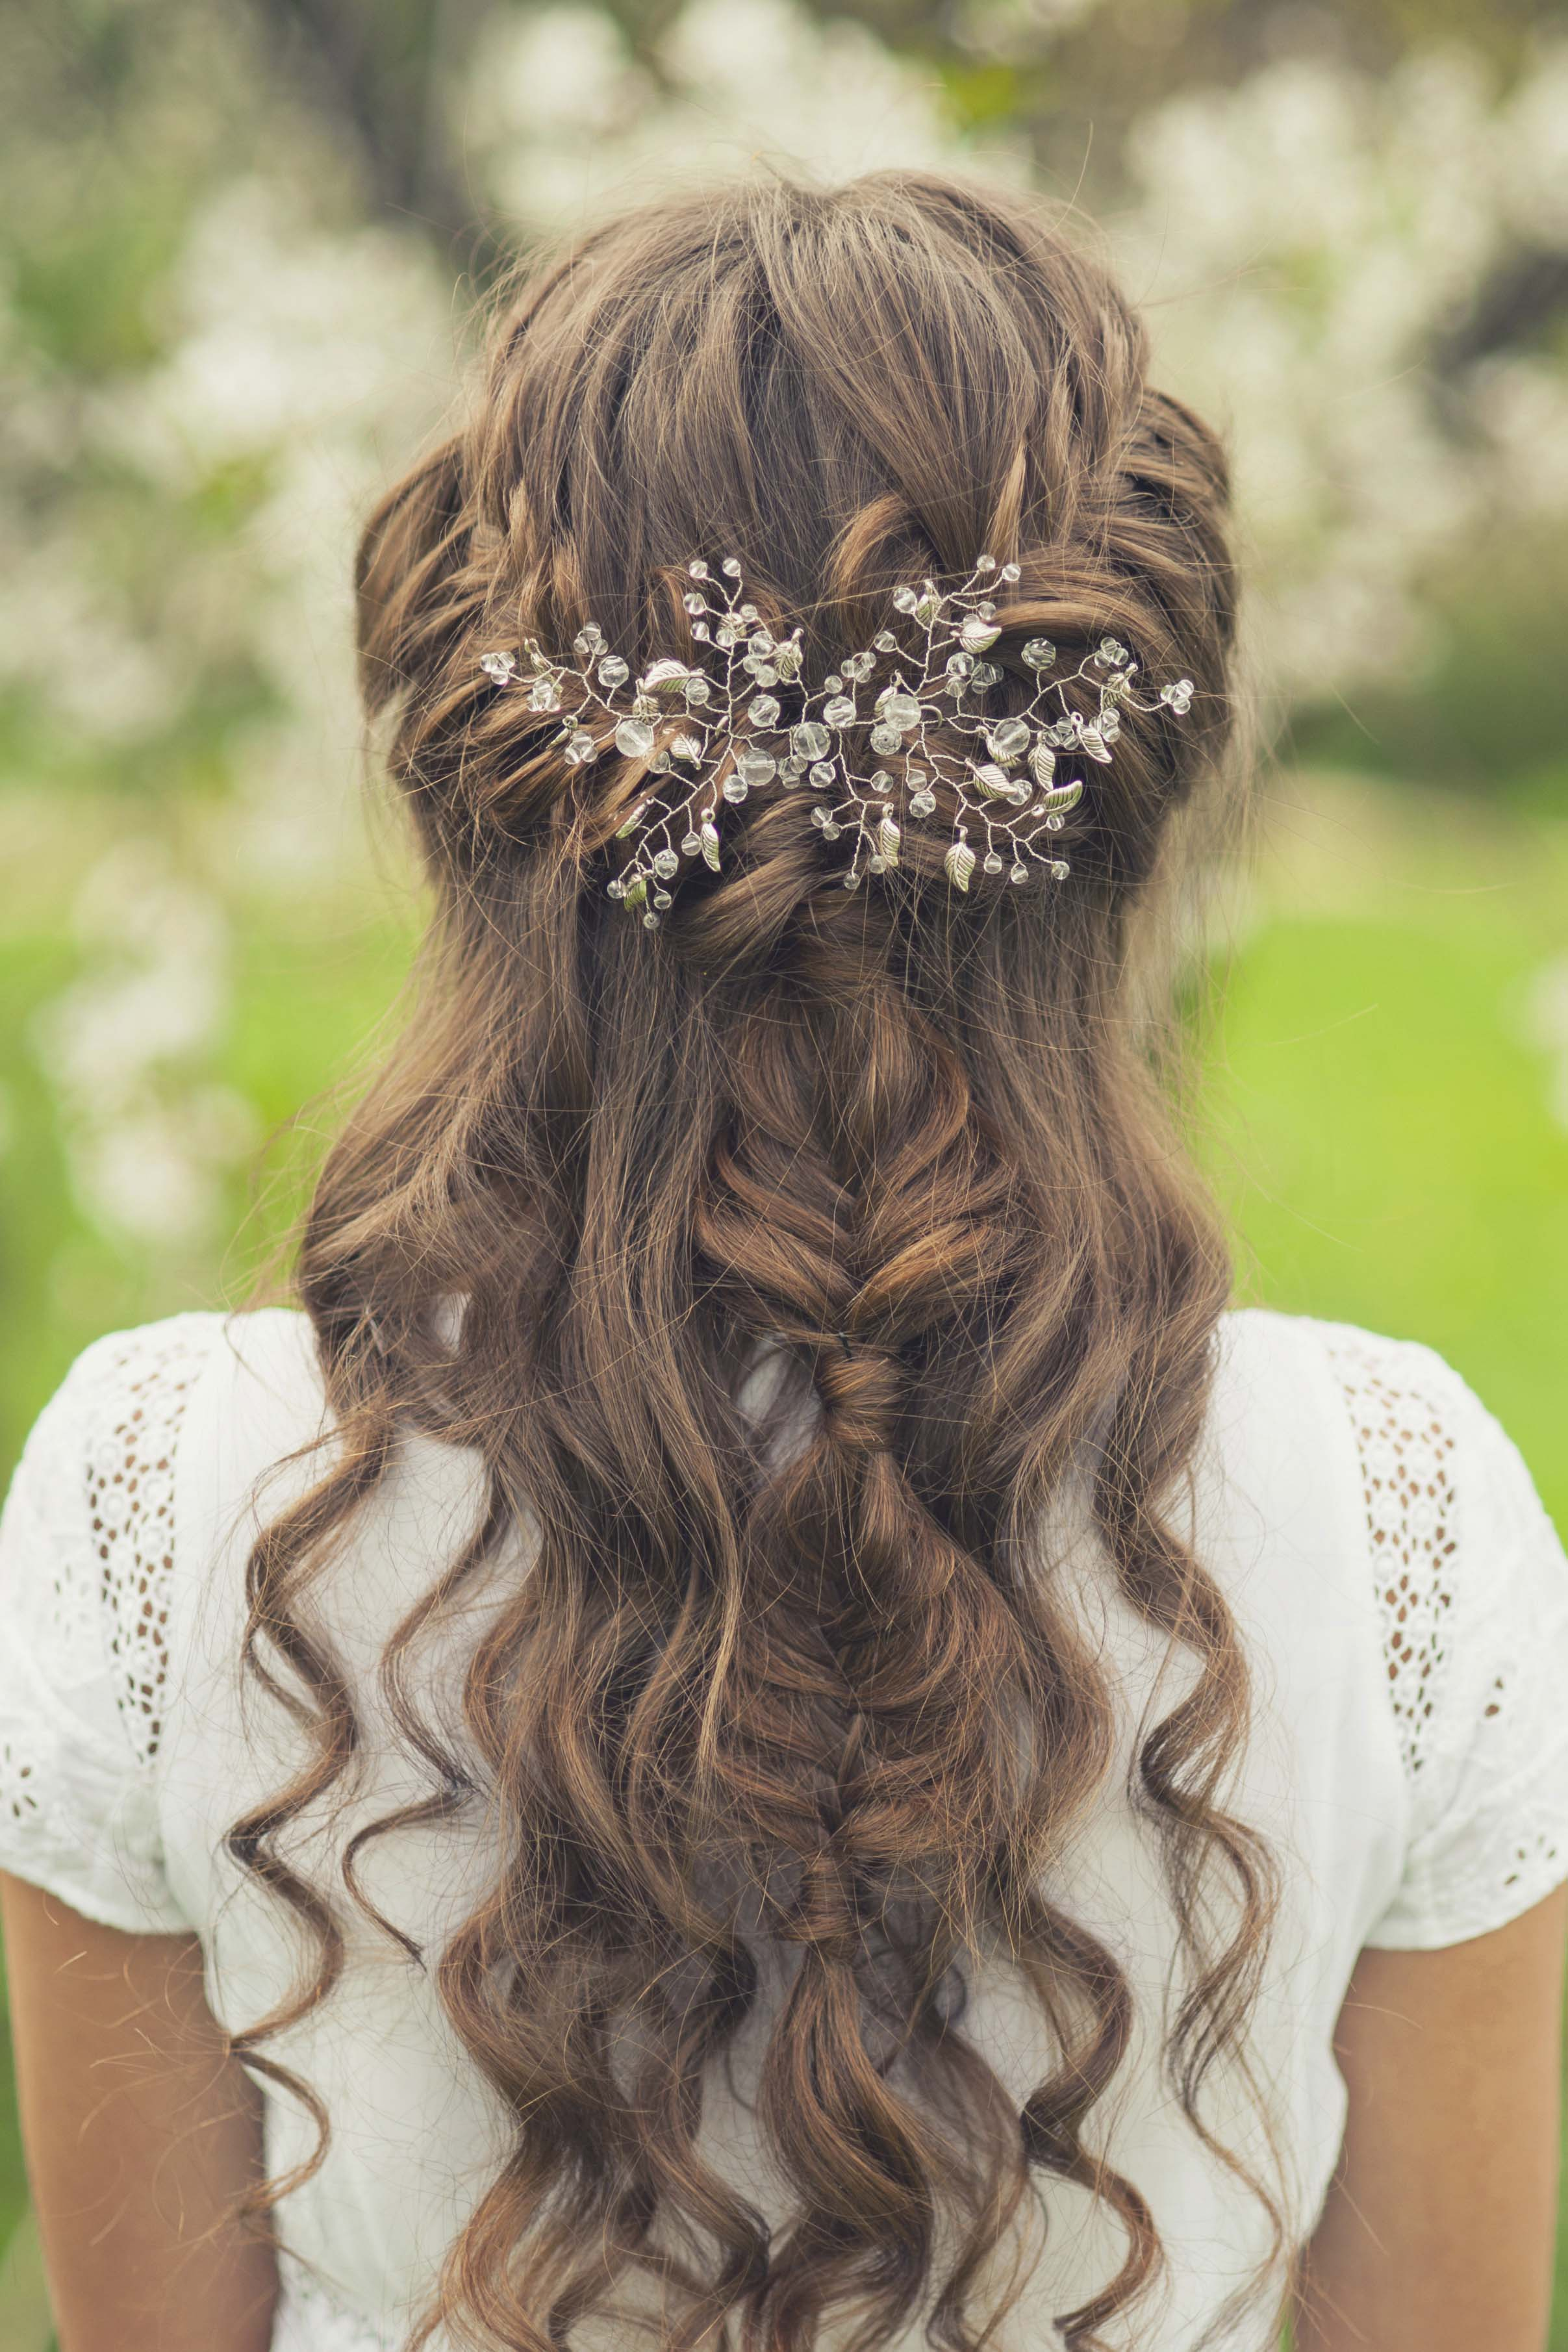 10 Stunning Hair Ideas for a Boho Wedding